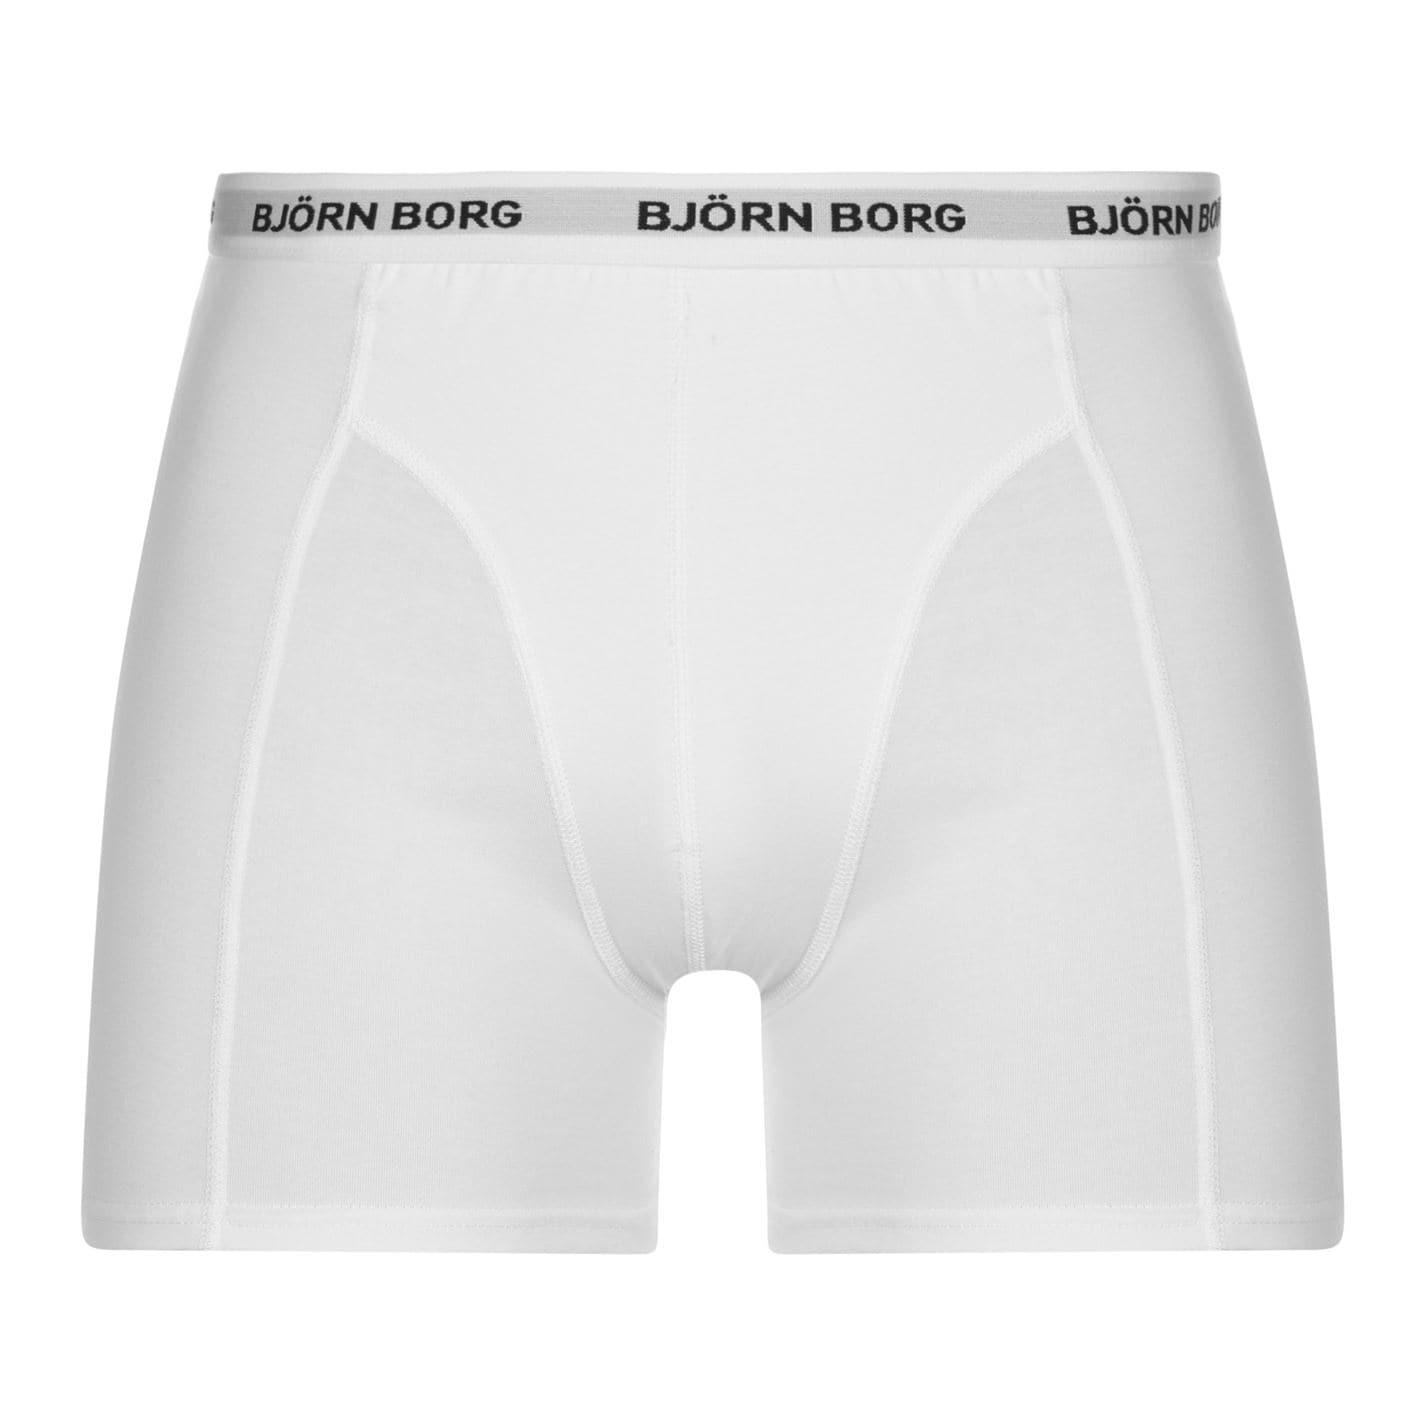 Bjorn Borg 5 Pack Trunks